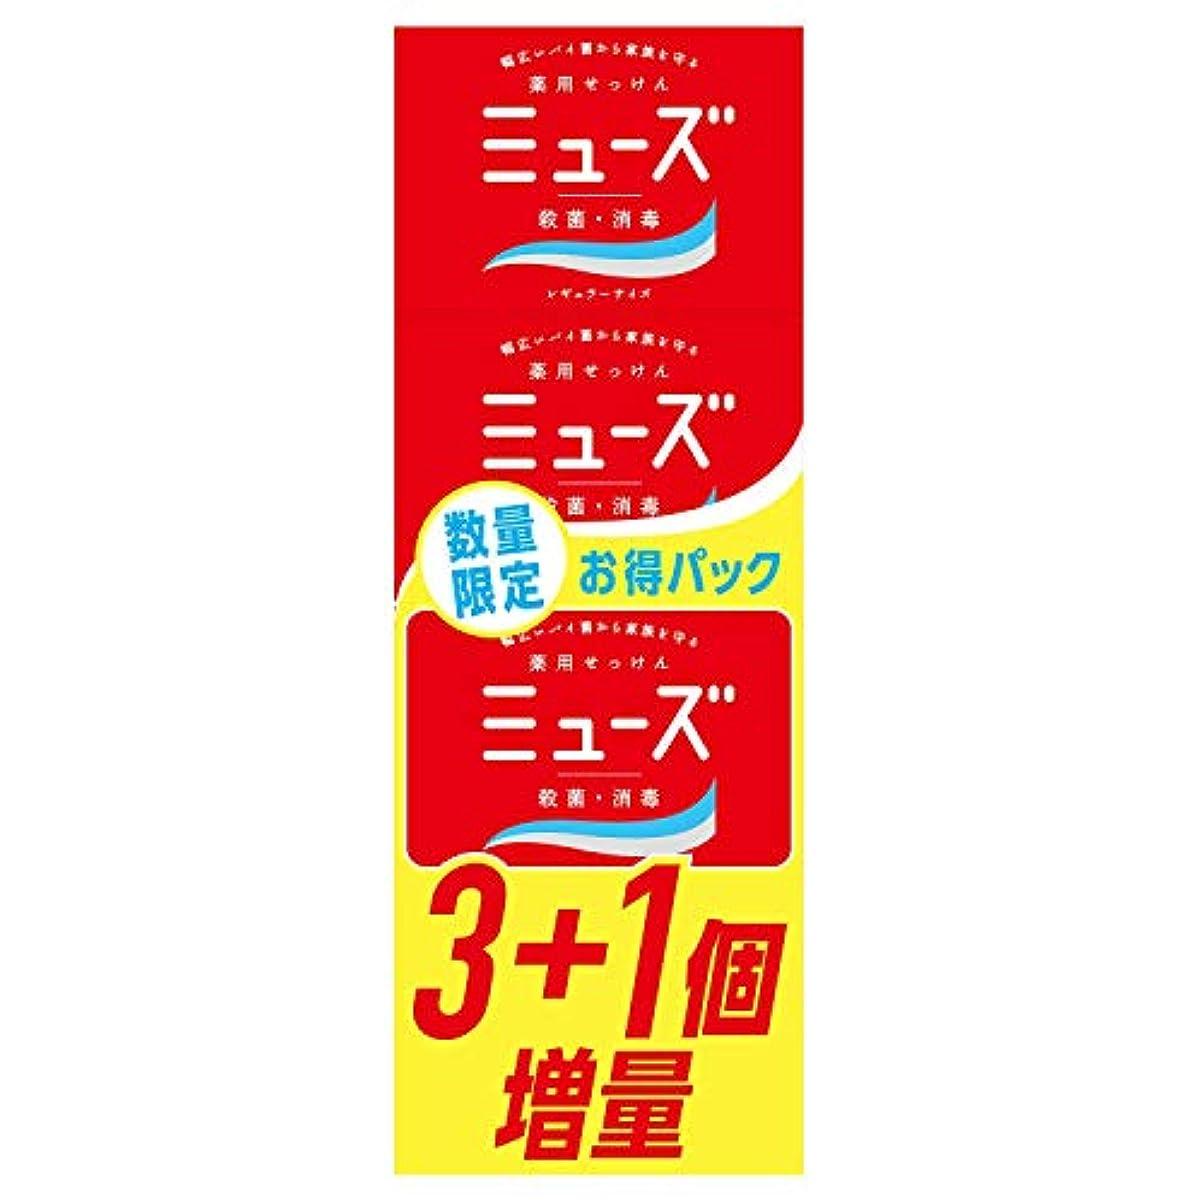 沼地高める慈悲深い【医薬部外品】ミューズ石鹸レギュラー 3+1限定品